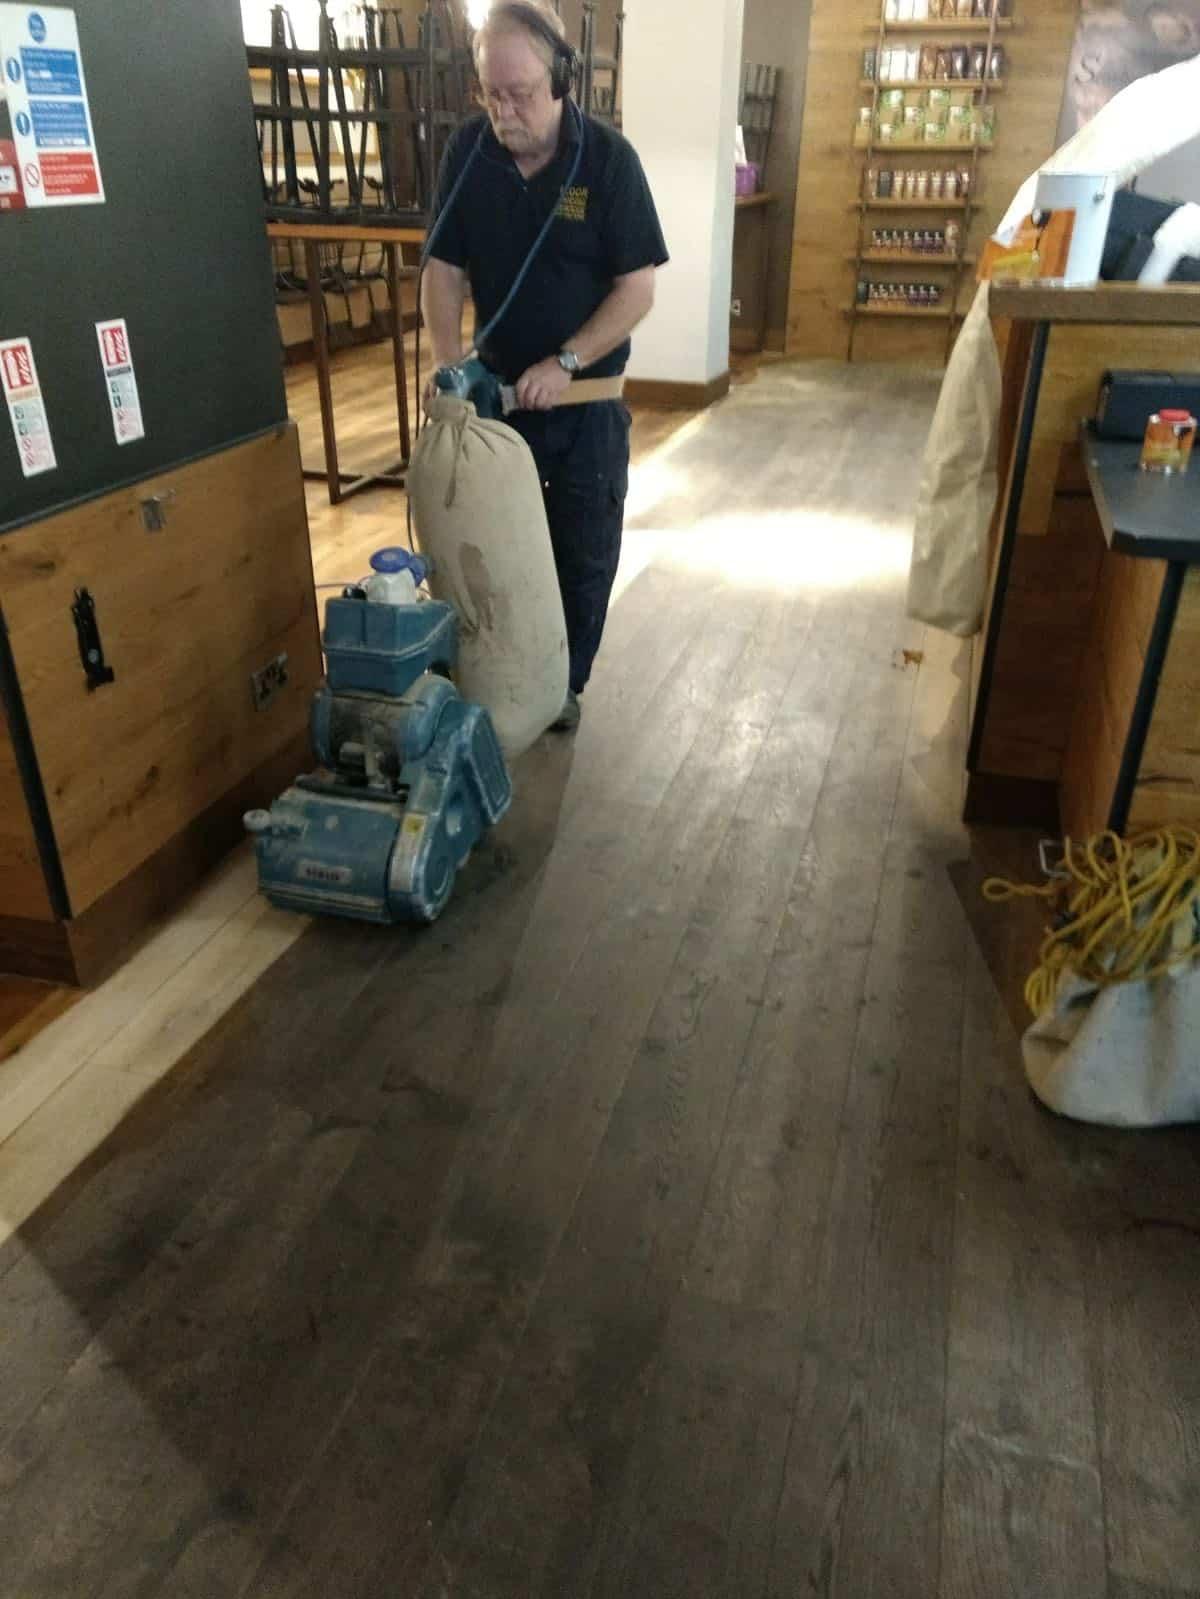 Sanding the floor at Starbucks Manchester